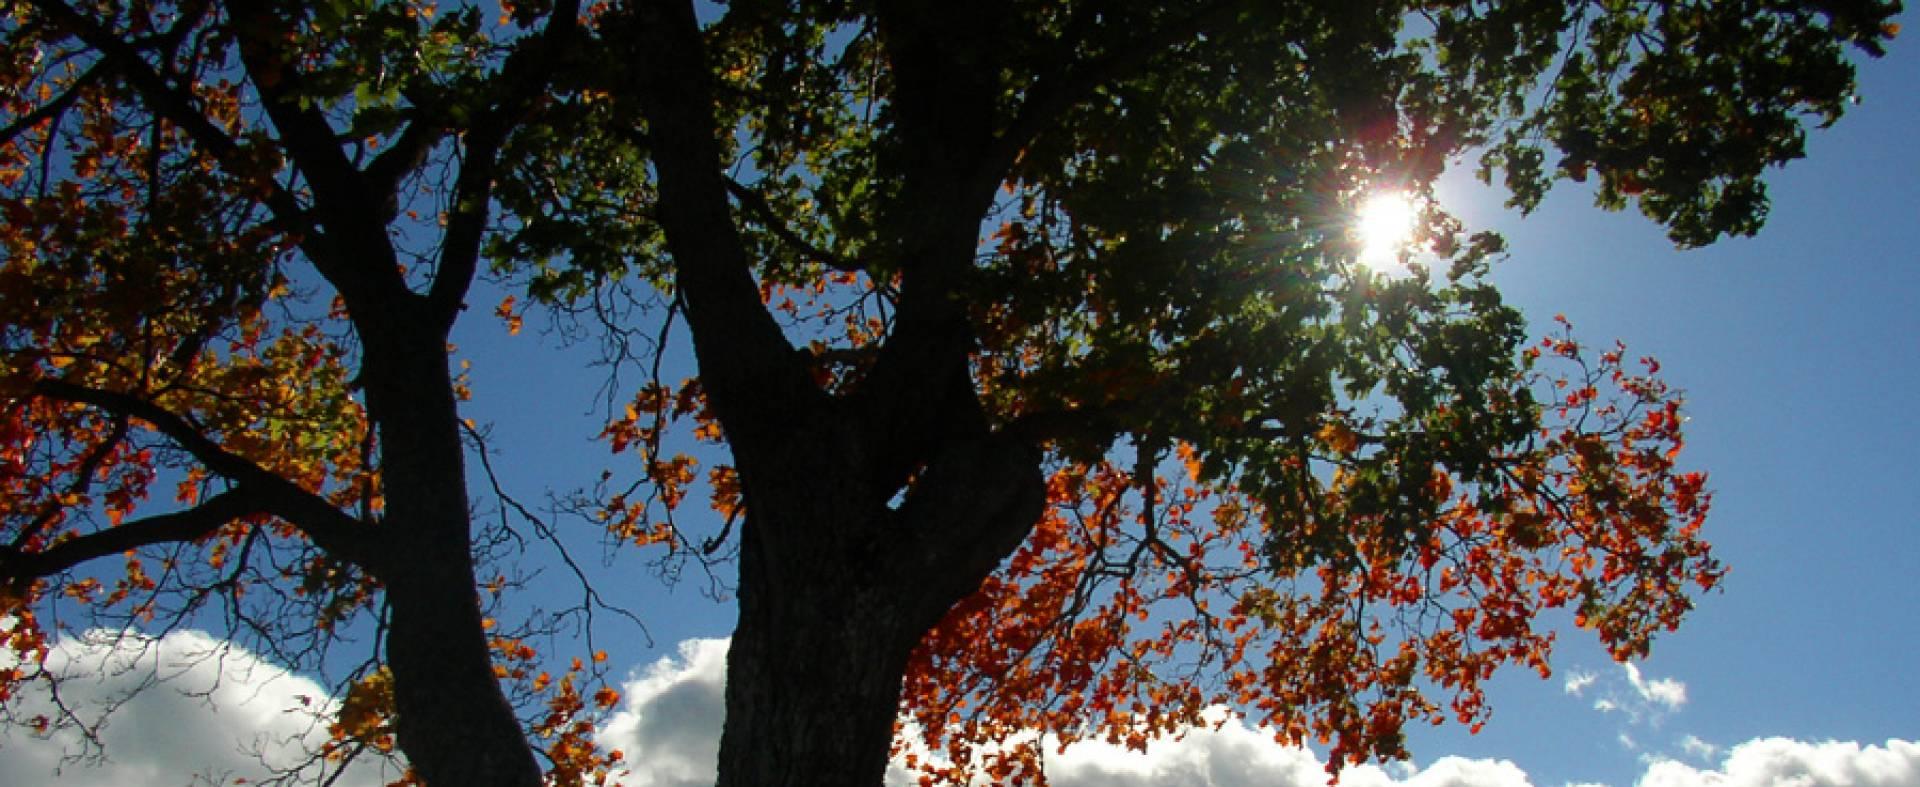 nature-q-c-1920-787-8.jpg